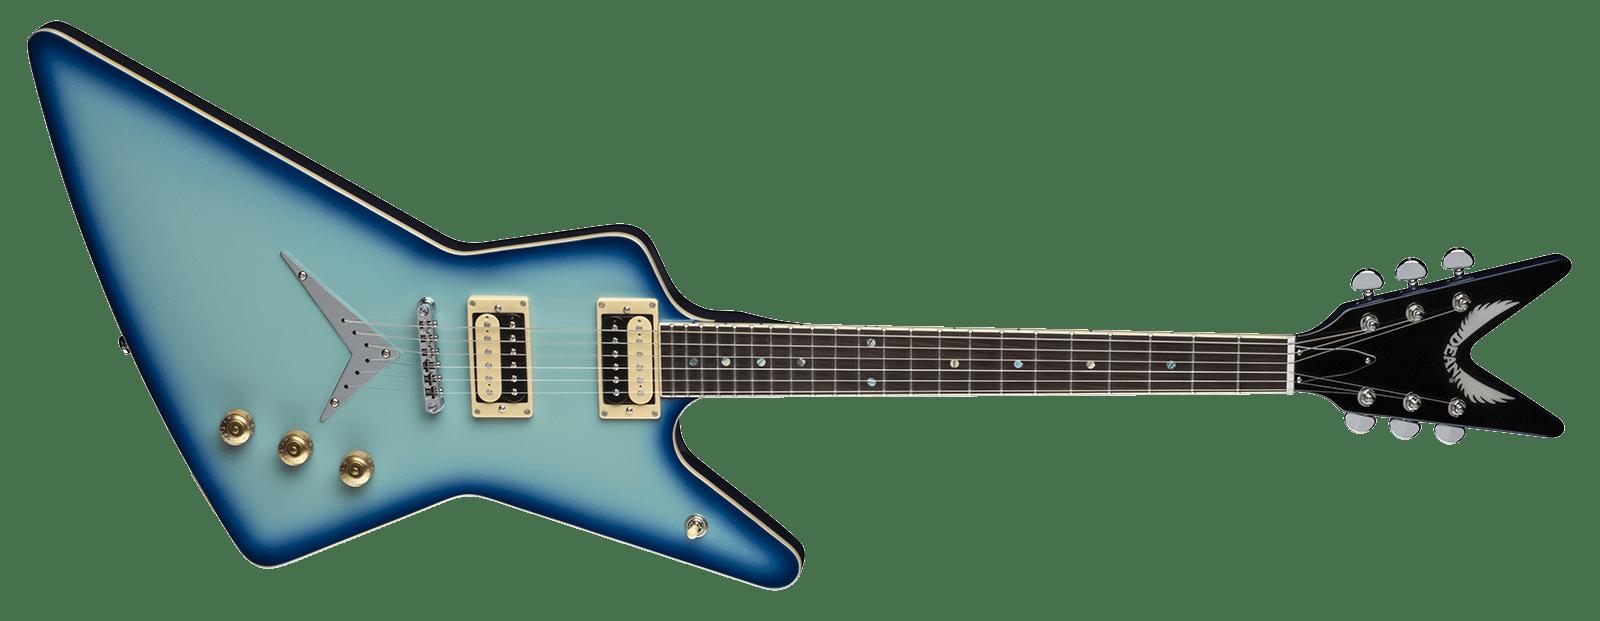 Z 79 Blue Burst